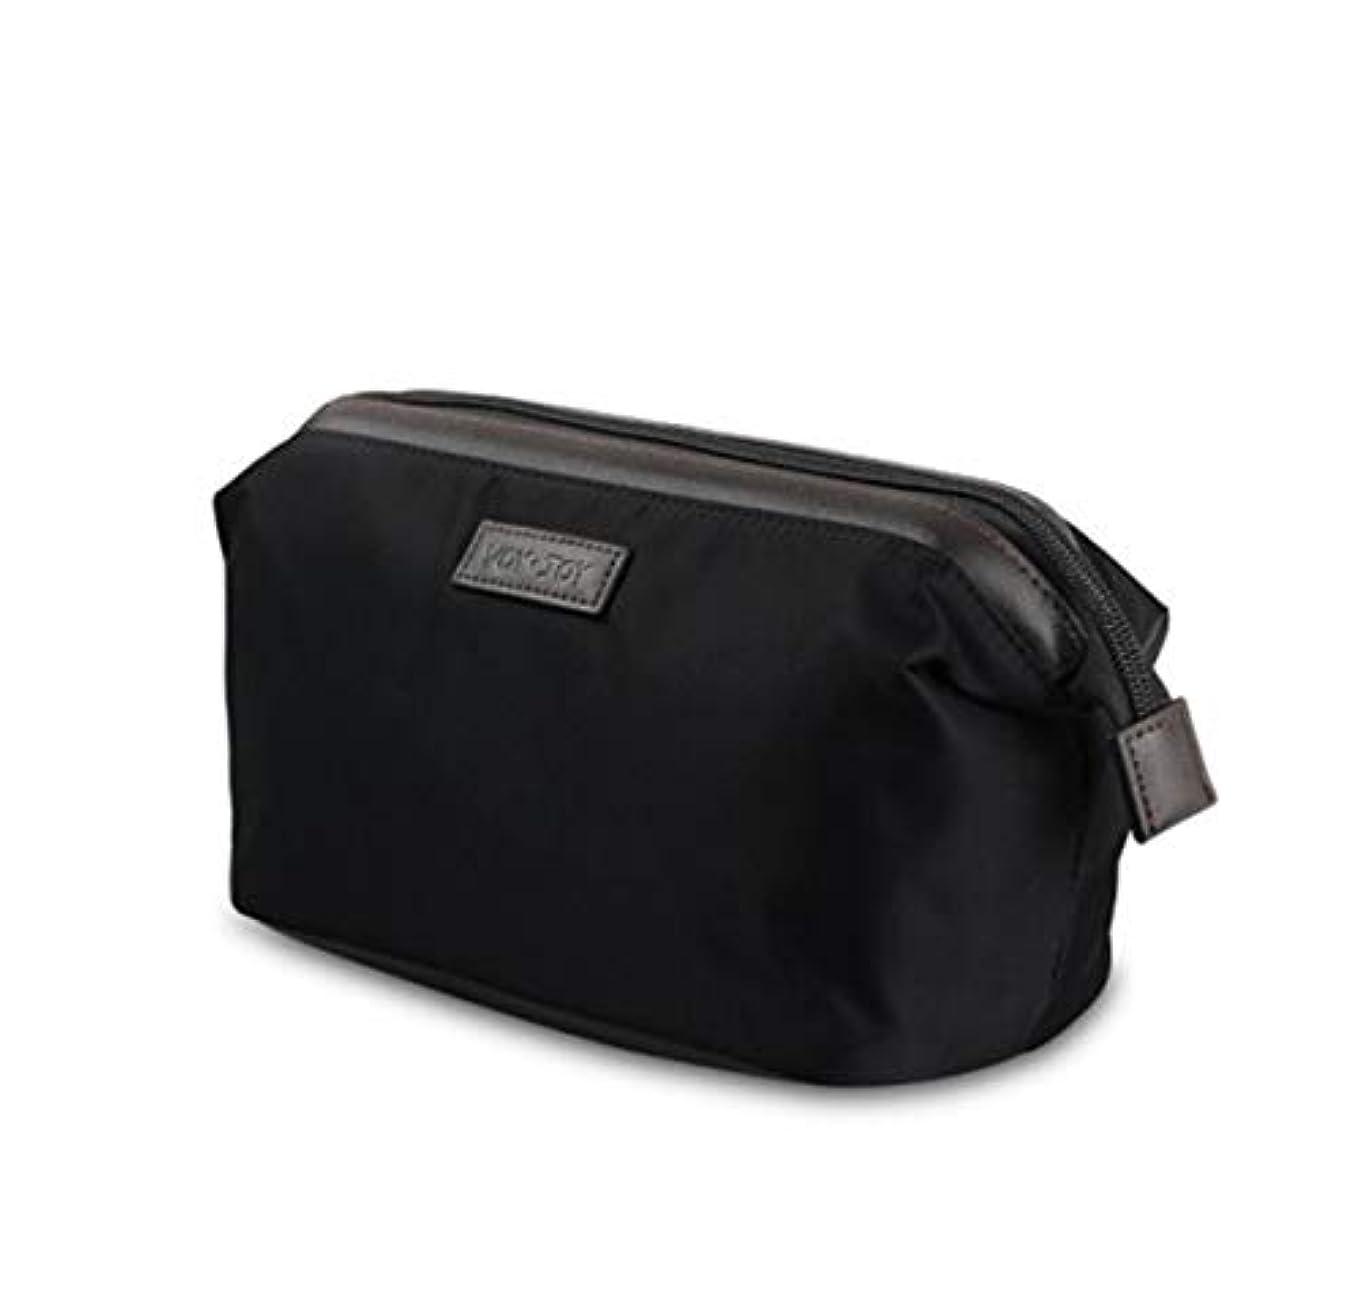 故国リーズとてもJiabei トラベルウォッシュ収納袋防水男性と女性ポータブル仕上げ化粧品のバッグ旅行ビジネスホーム (色 : 黒)